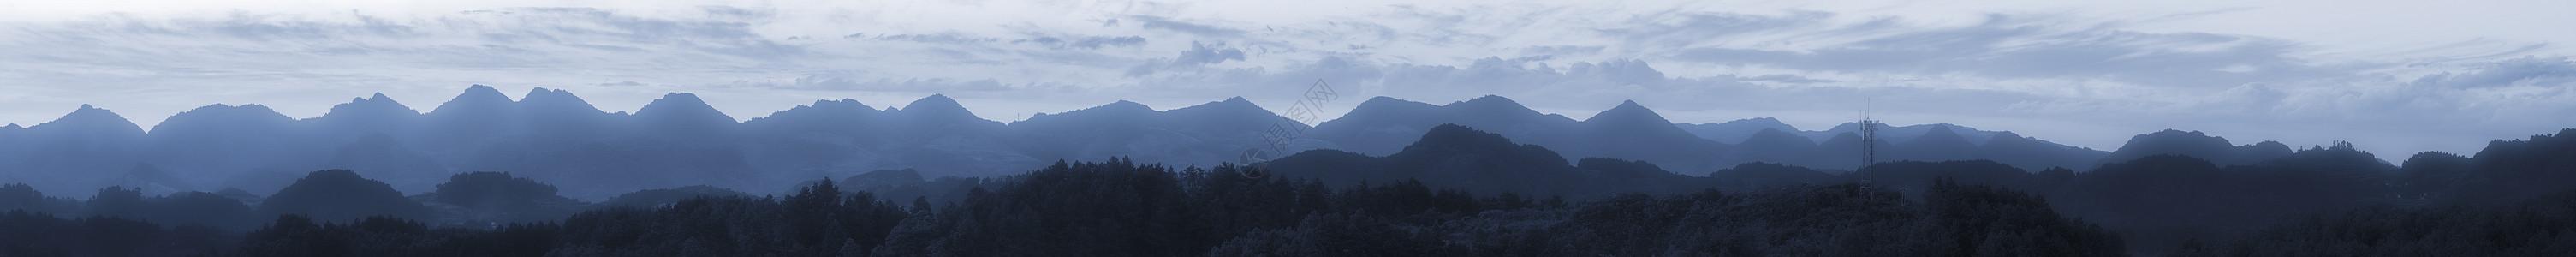 连绵山脉全景图片